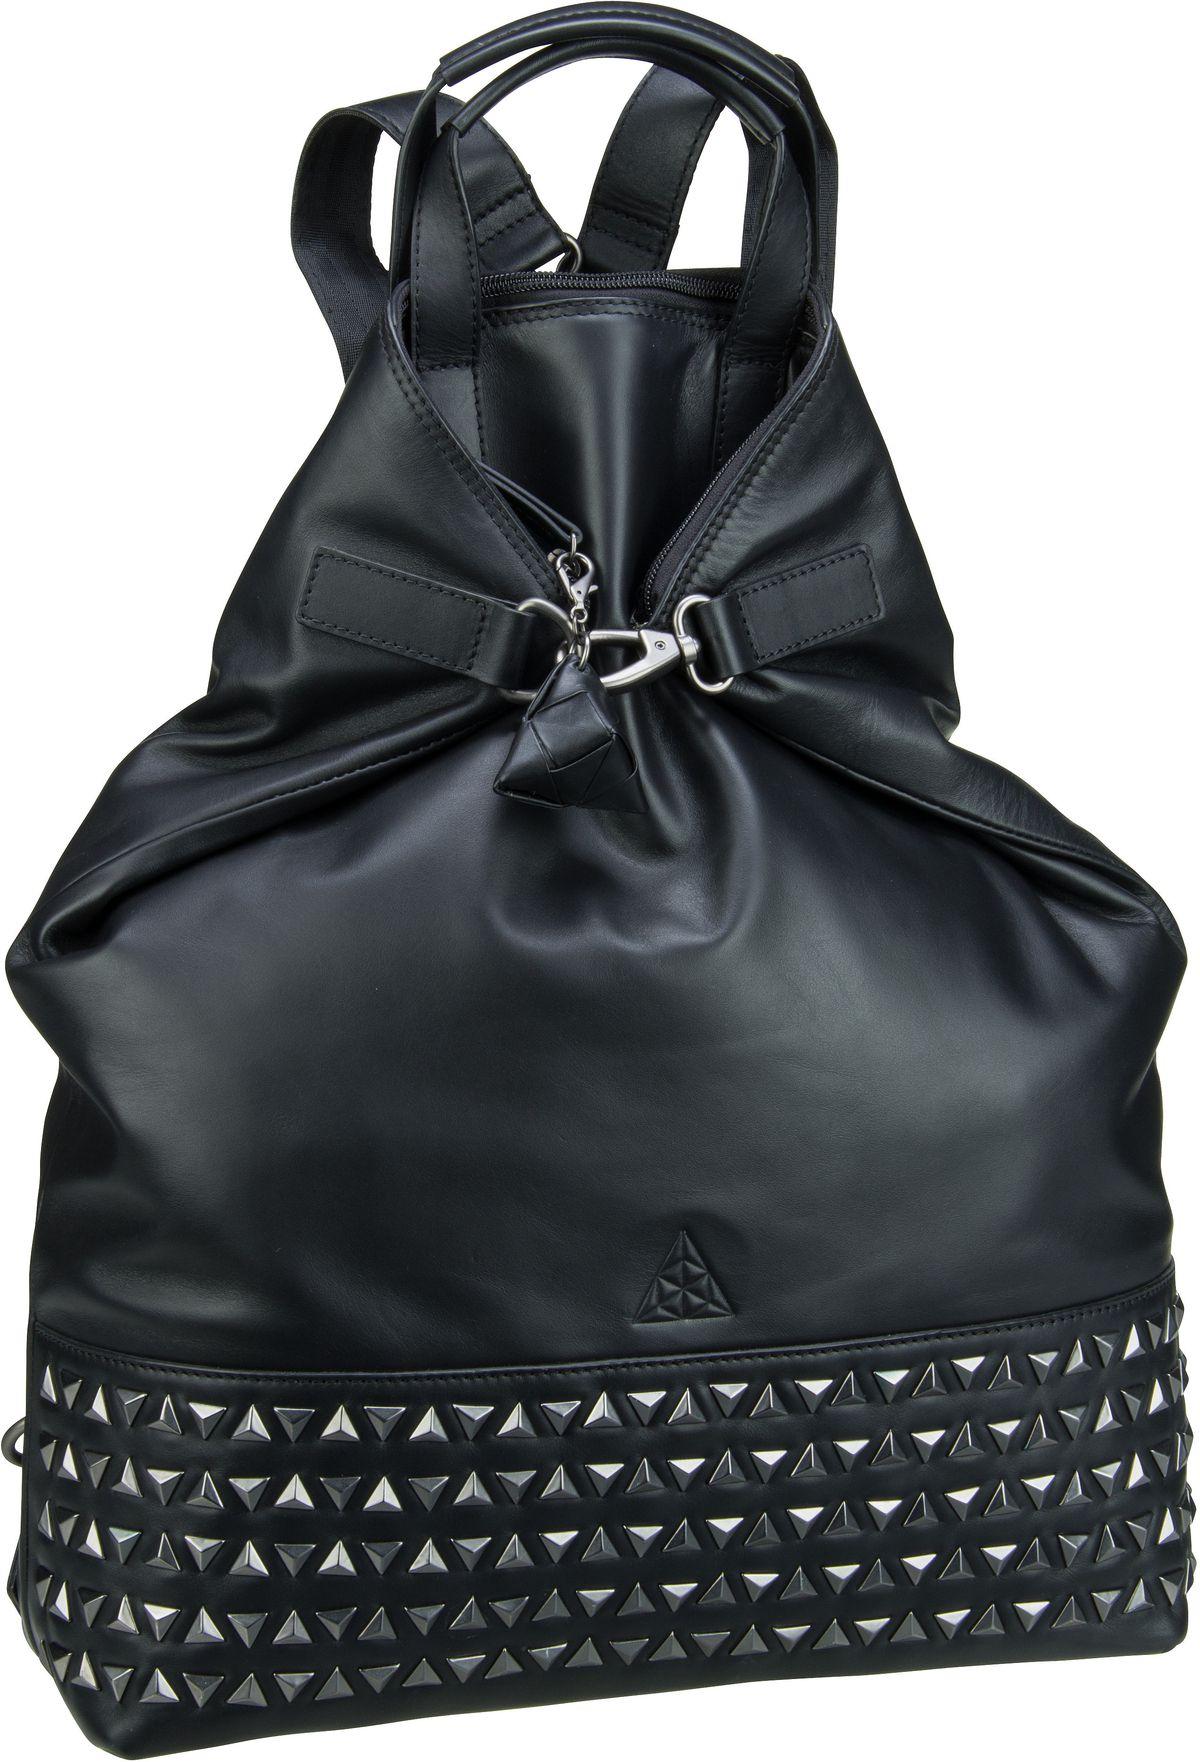 Rucksack / Daypack Alice Sara Ott 6016 X-Change 3in1 Bag L Schwarz